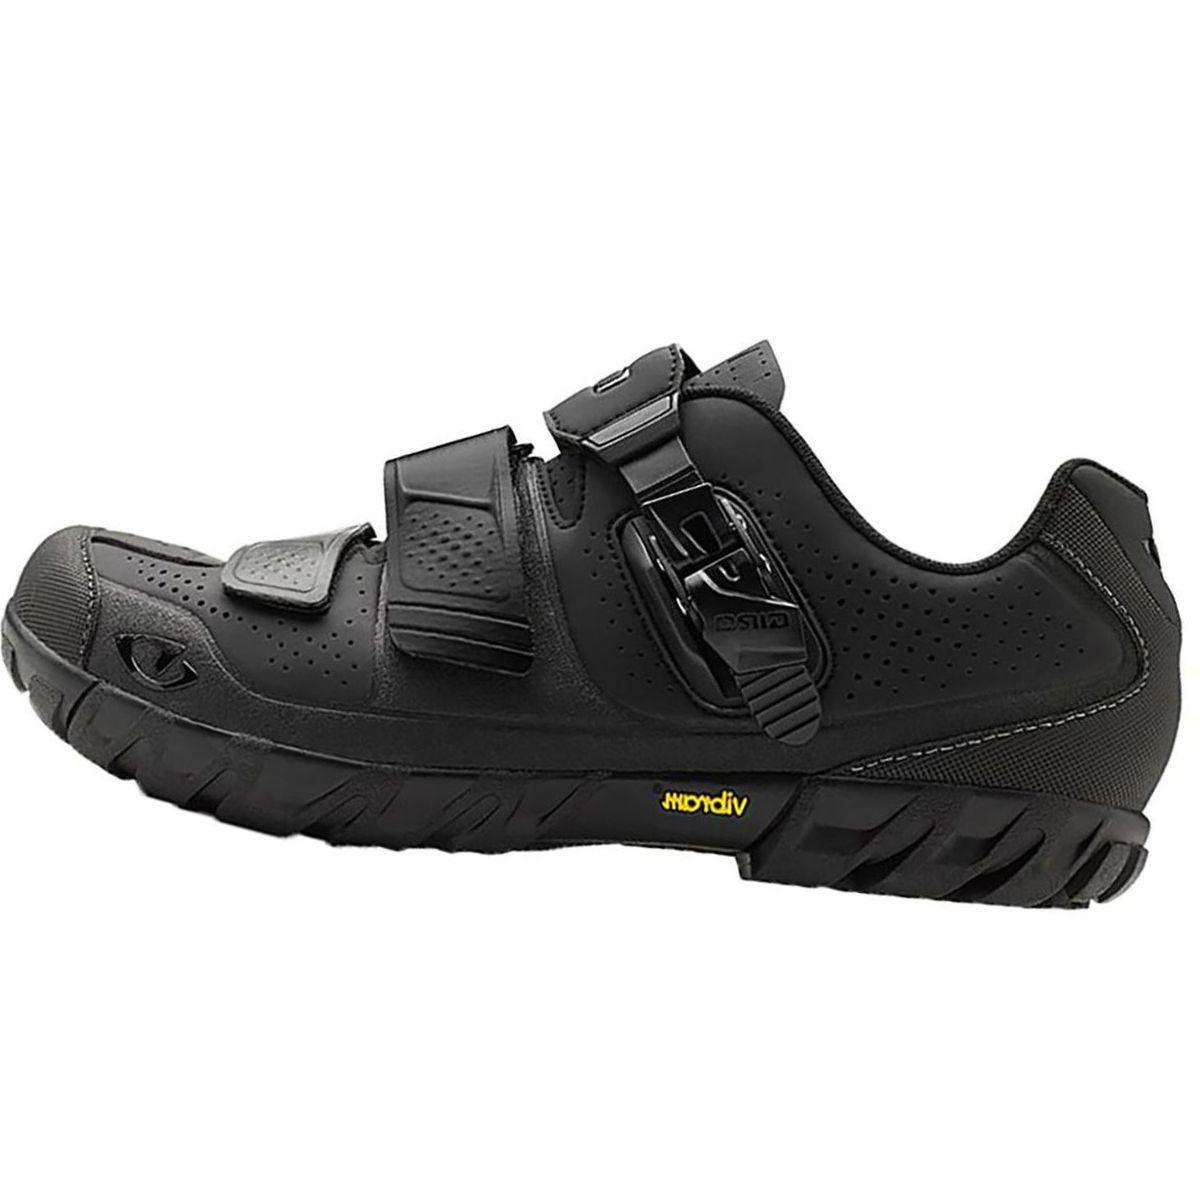 Giro Terraduro HV Cycling Shoe - Men's